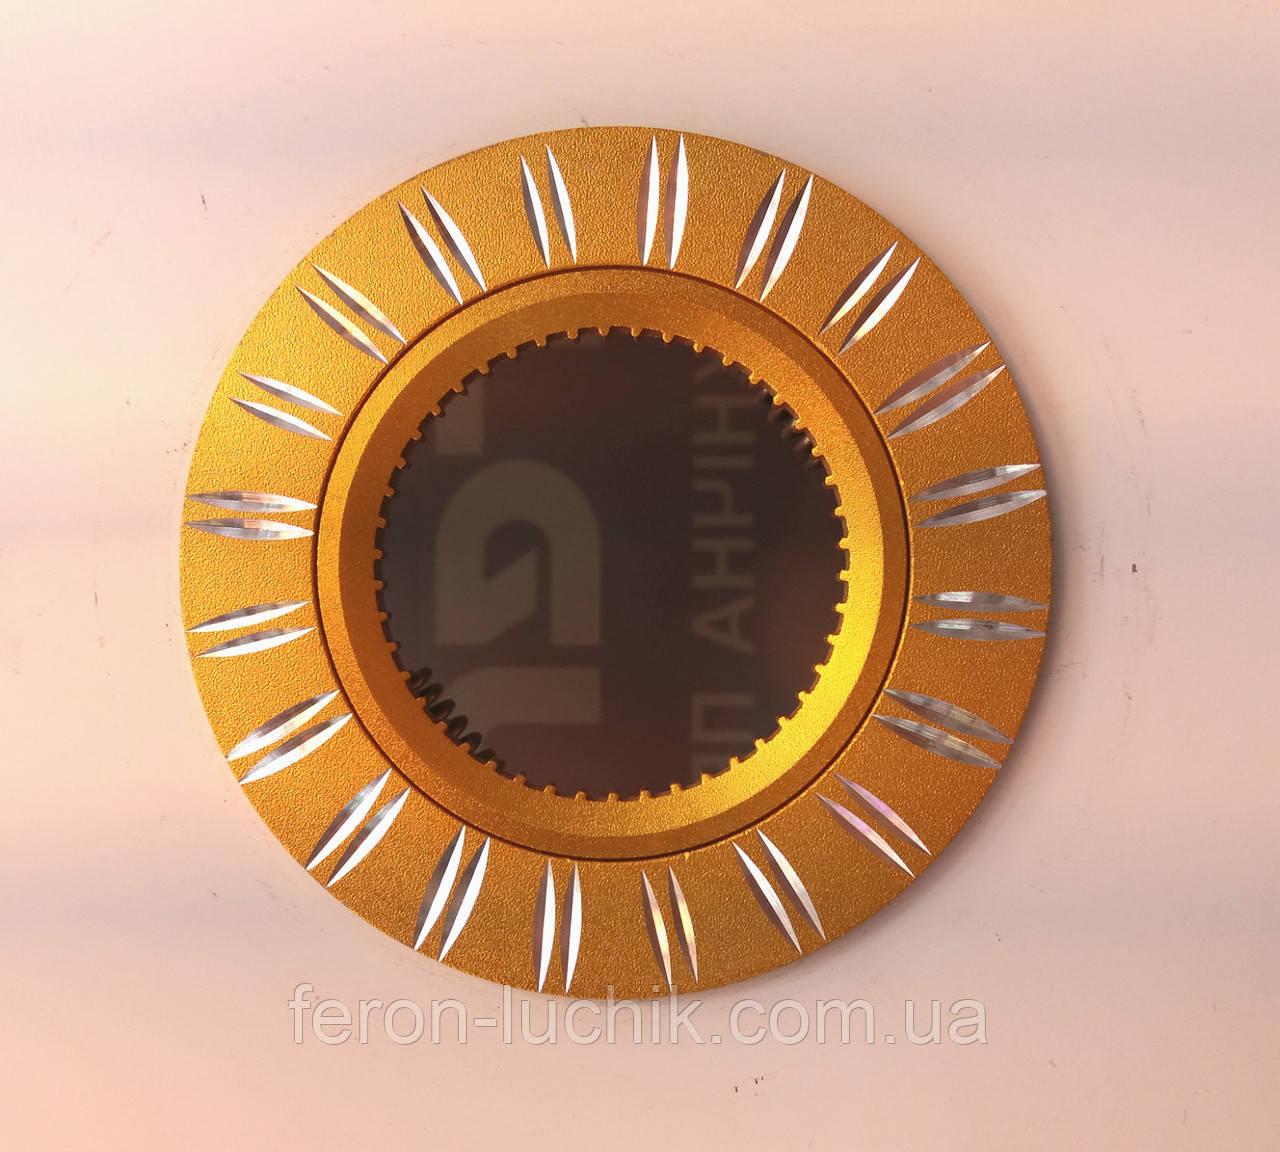 Светильник точечный встраиваемый Feron GS-M393 GU5.3 МR-16 потолочный золото